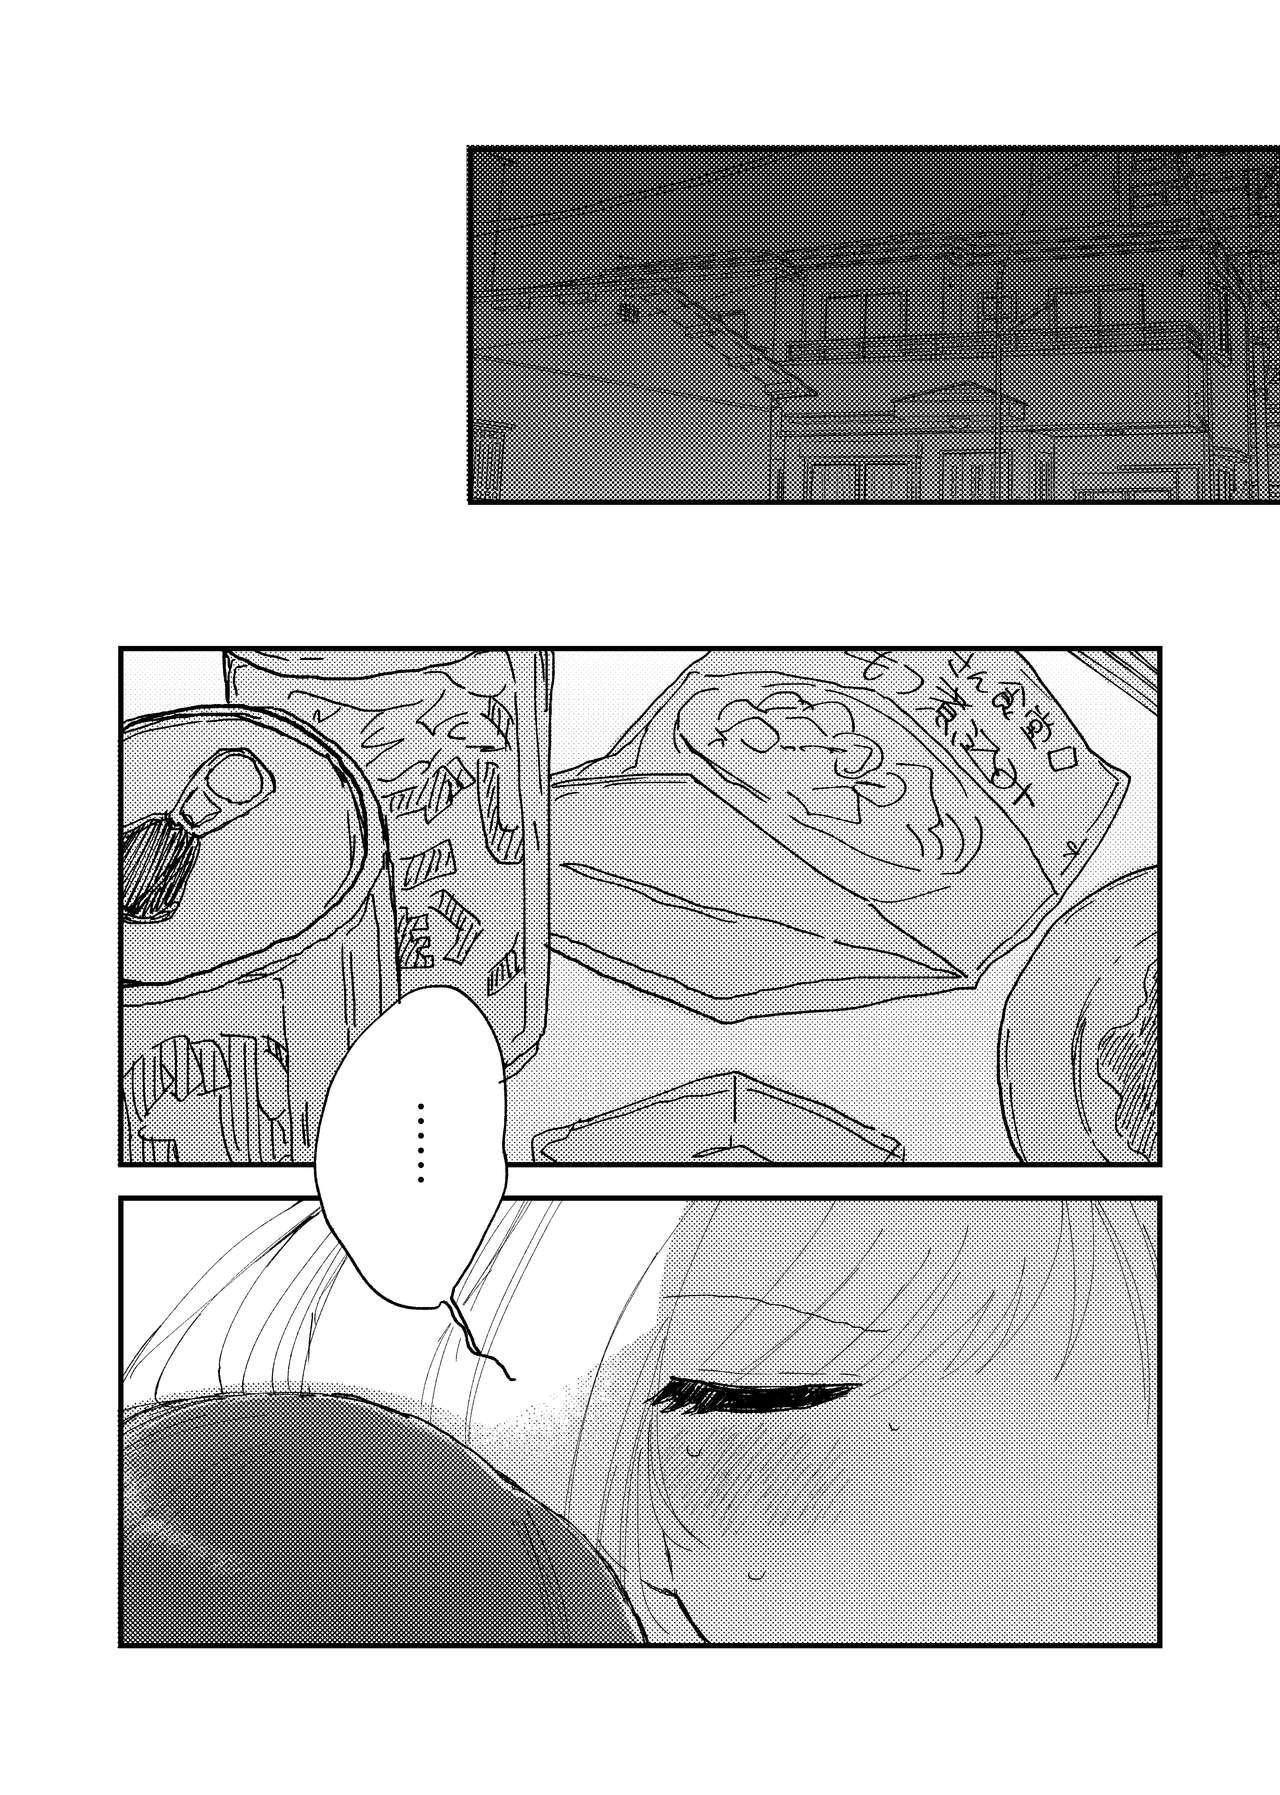 Shime wa Bed de. 7